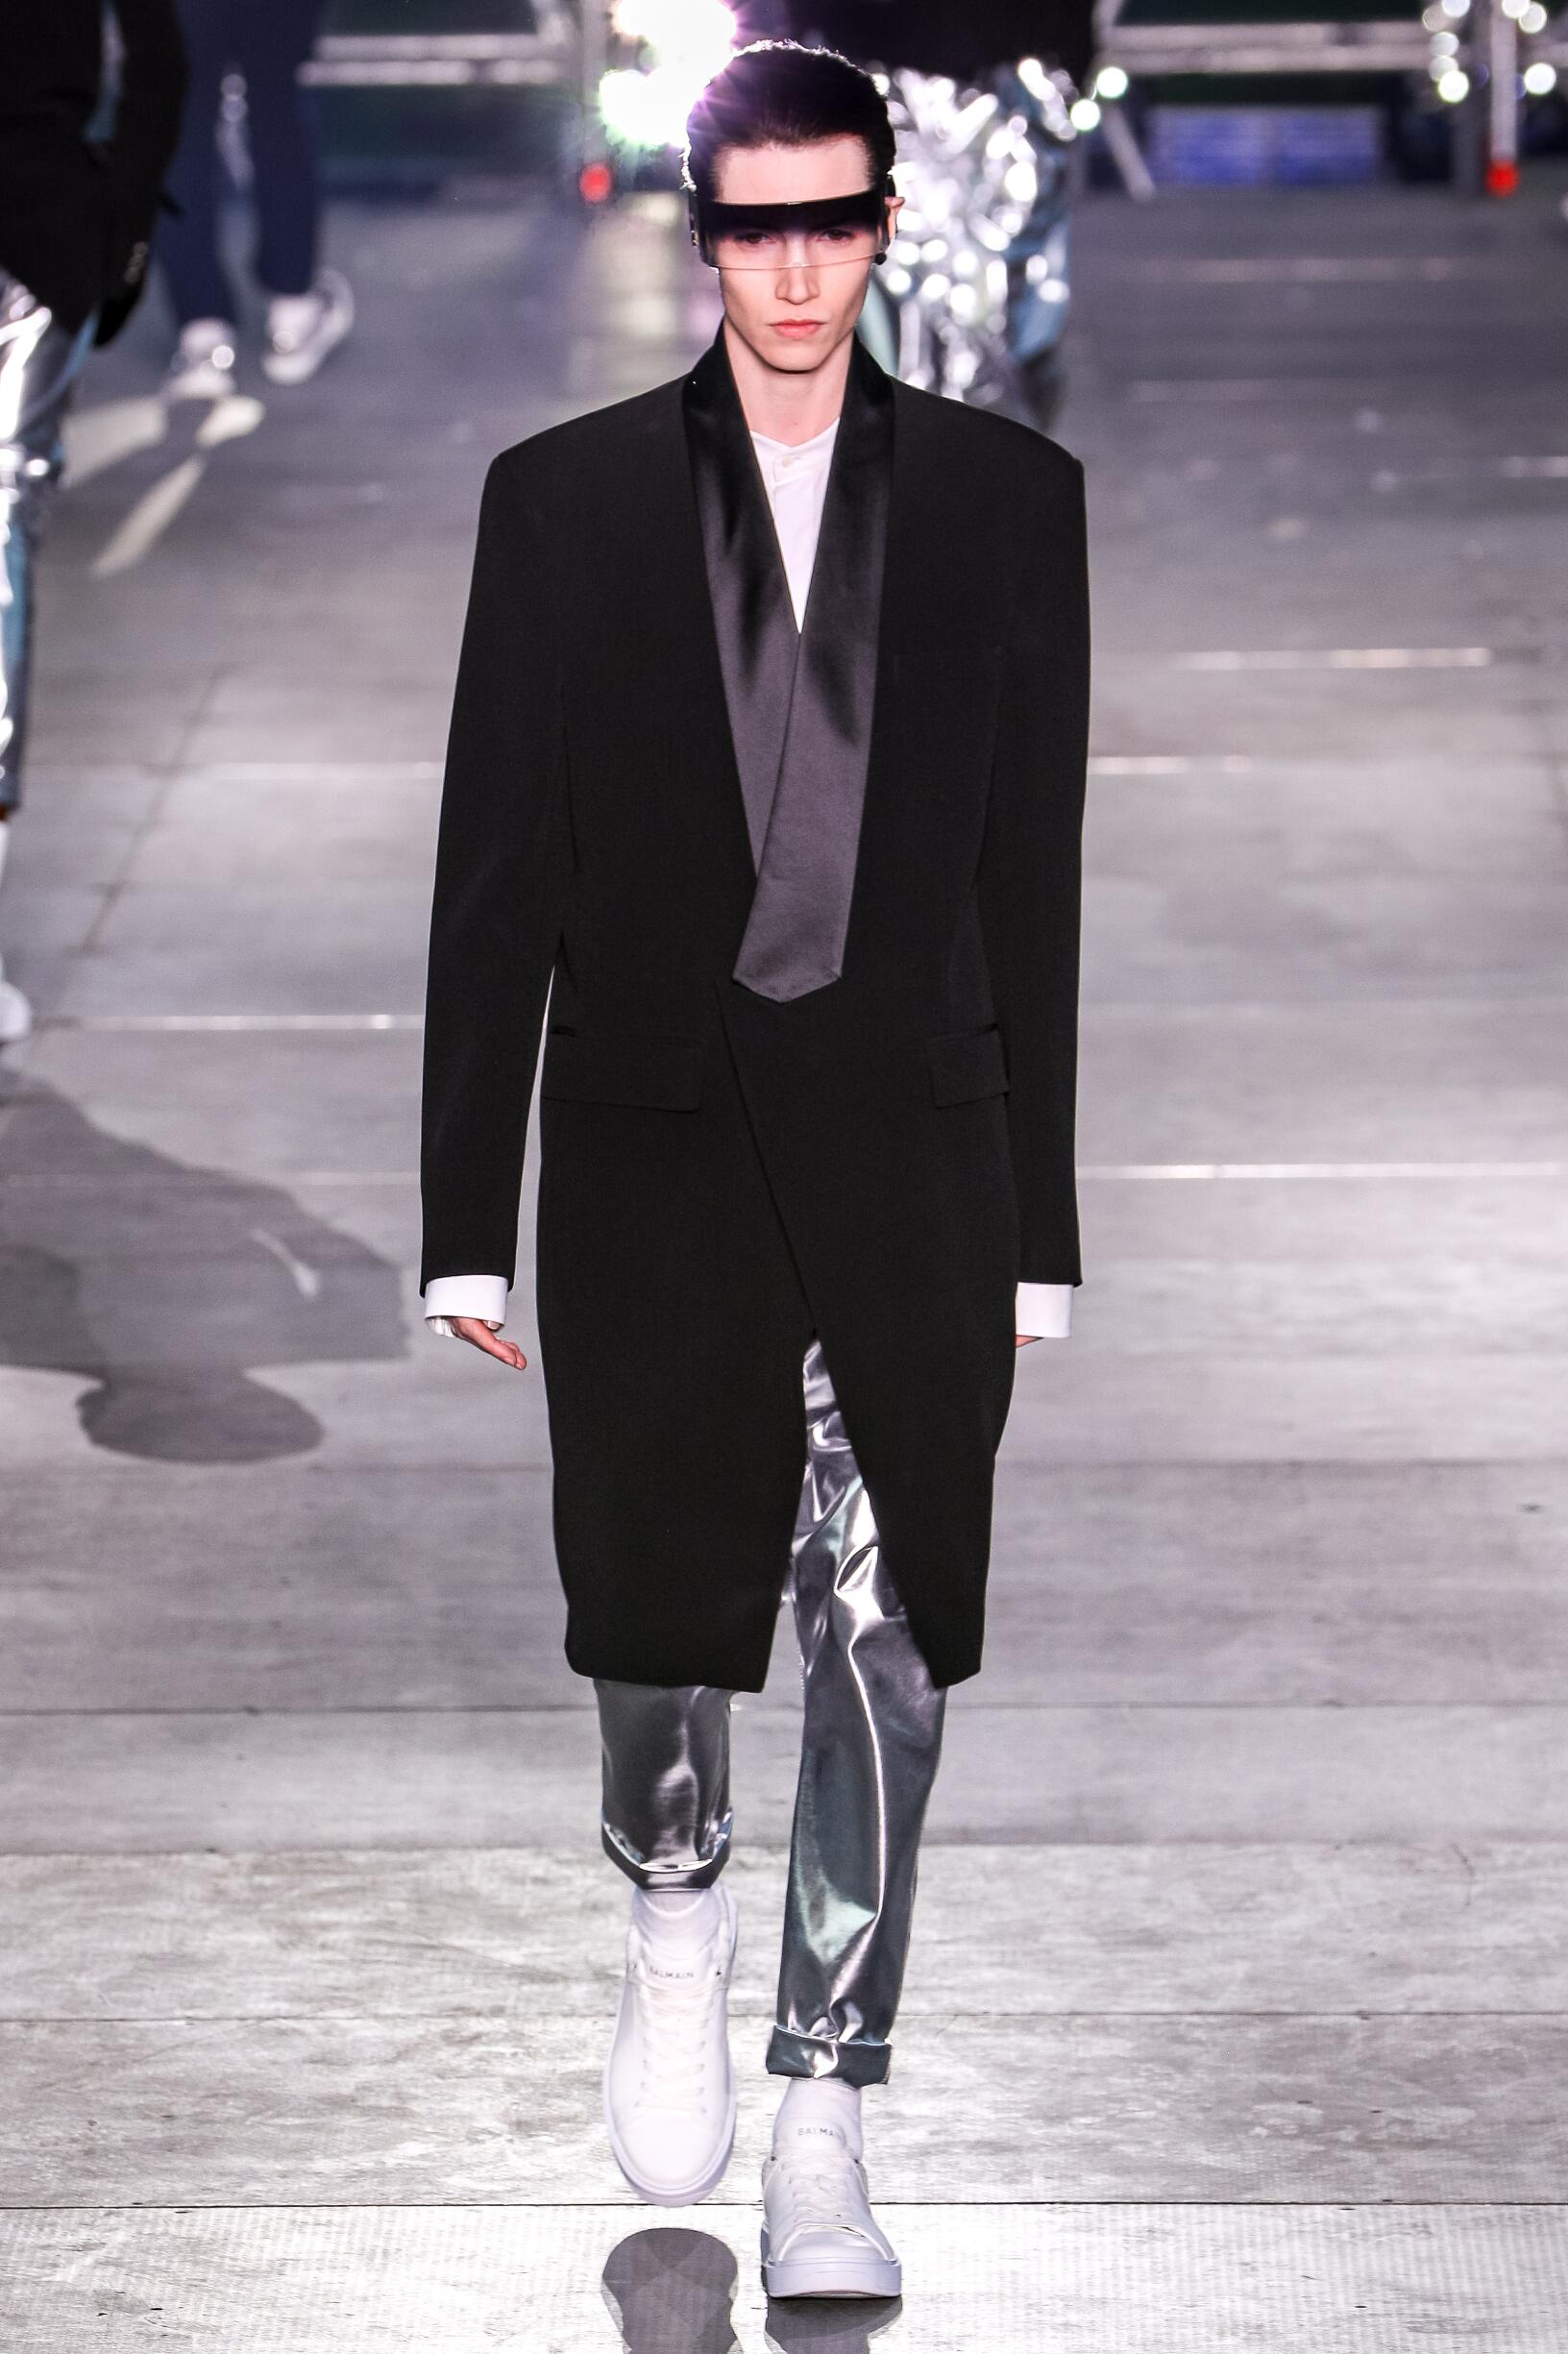 Man SS 2020 Balmain Show Paris Fashion